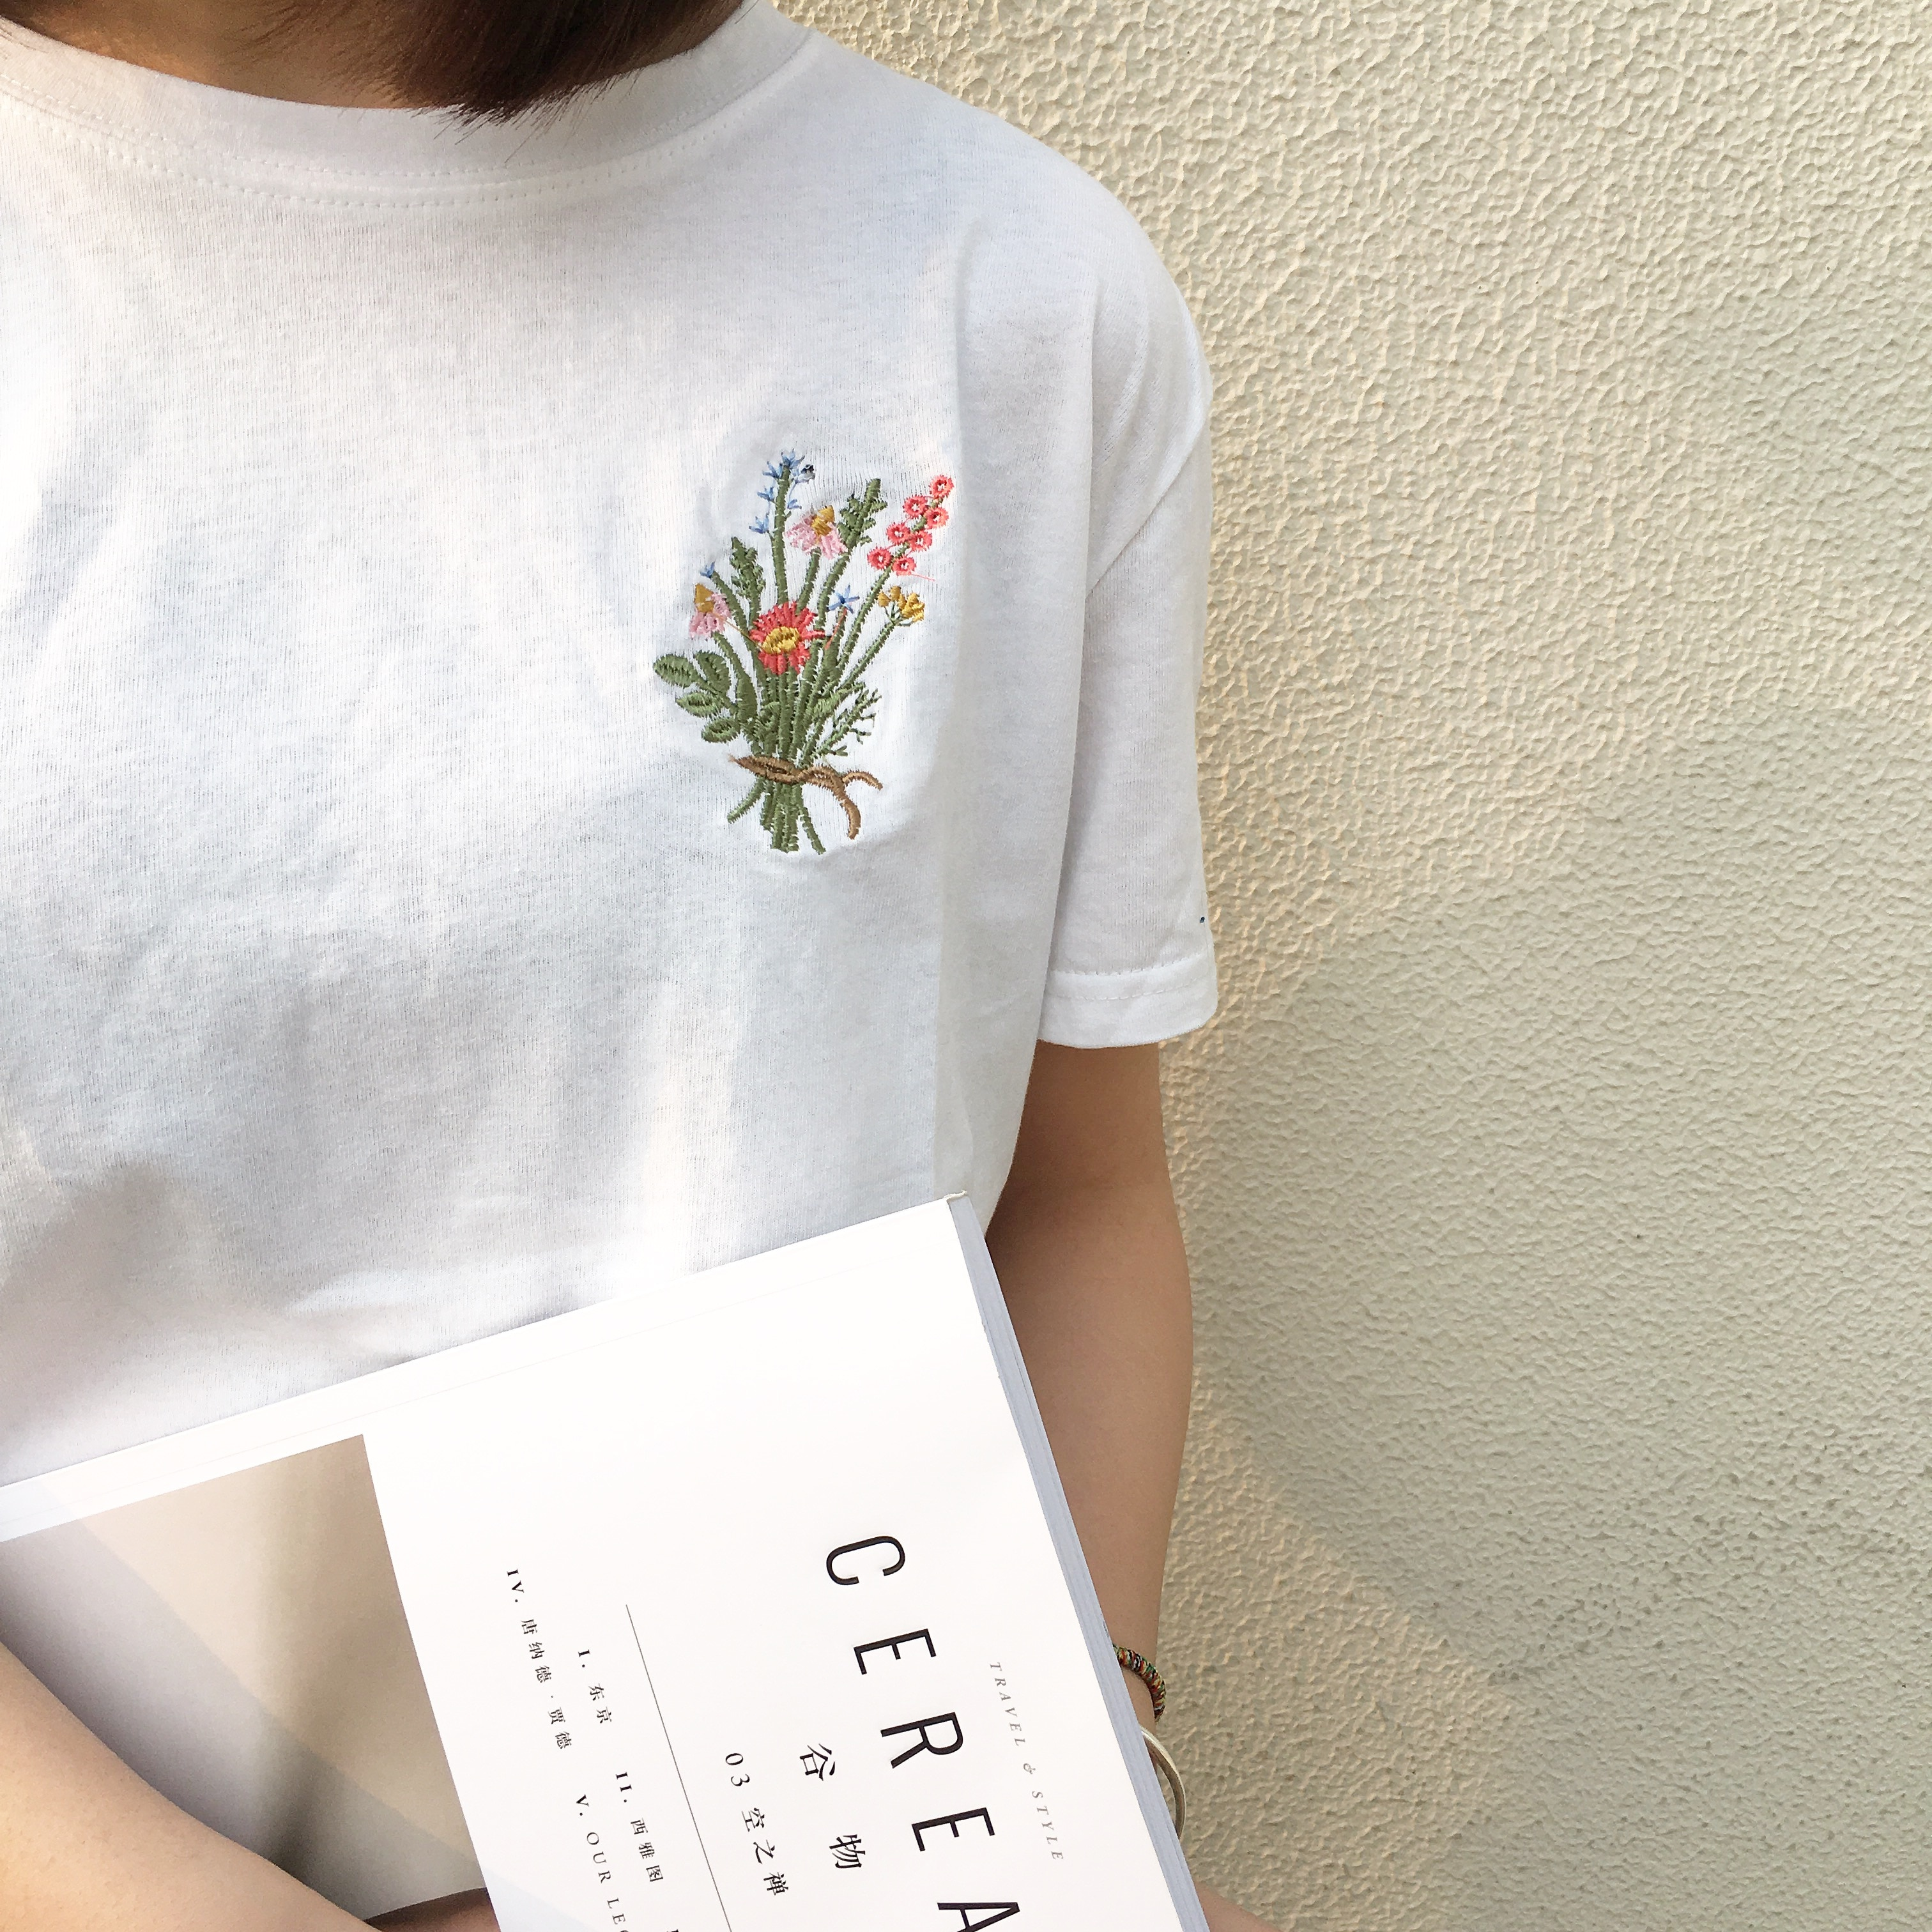 Camisetas de Mujer 2020, camiseta de verano a la moda, Top coreano Ulzzang bordado Harajuku Floral, camiseta de manga corta para Mujer, Camiseta básica